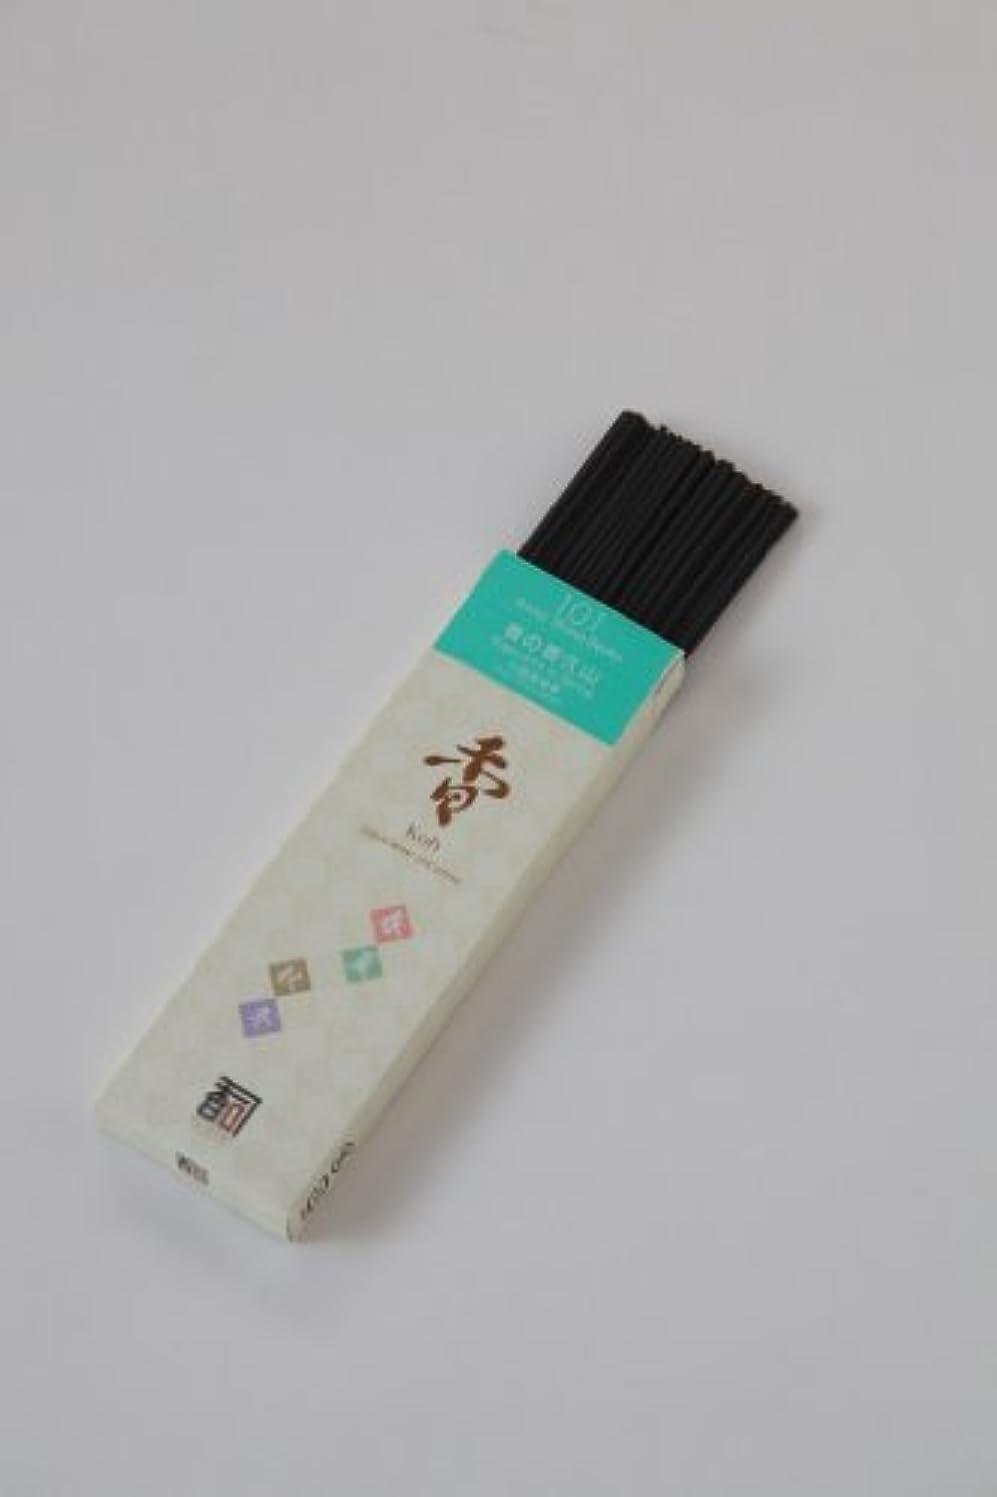 非常に怒っています家族恐ろしい「あわじ島の香司」 日本の香りシリーズ (春夏秋冬) 【101】  ◆春の香久山◆